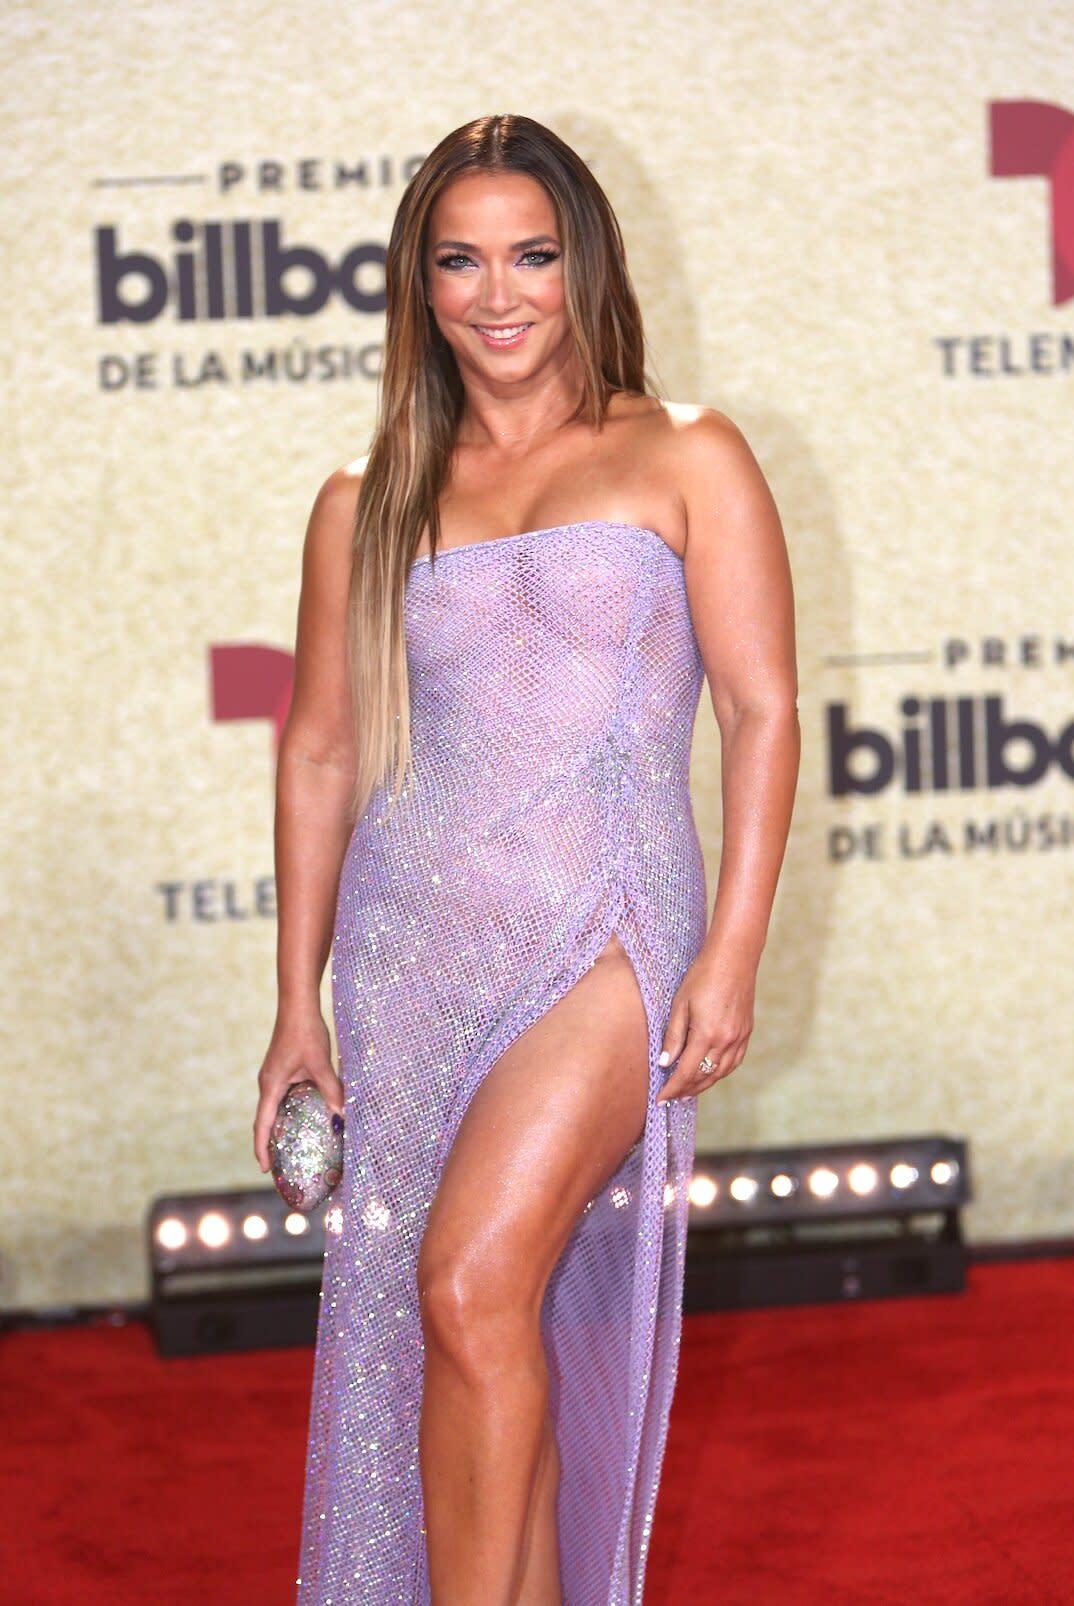 Todos los detalles del look de belleza de Adamari López en los premios Billboard